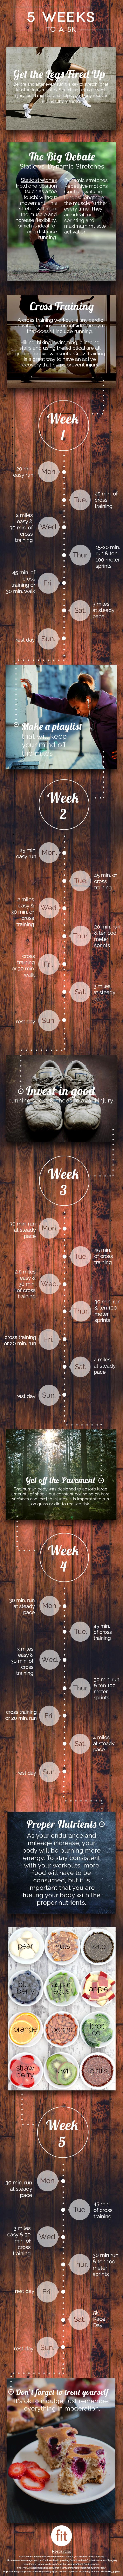 running 5k infographic